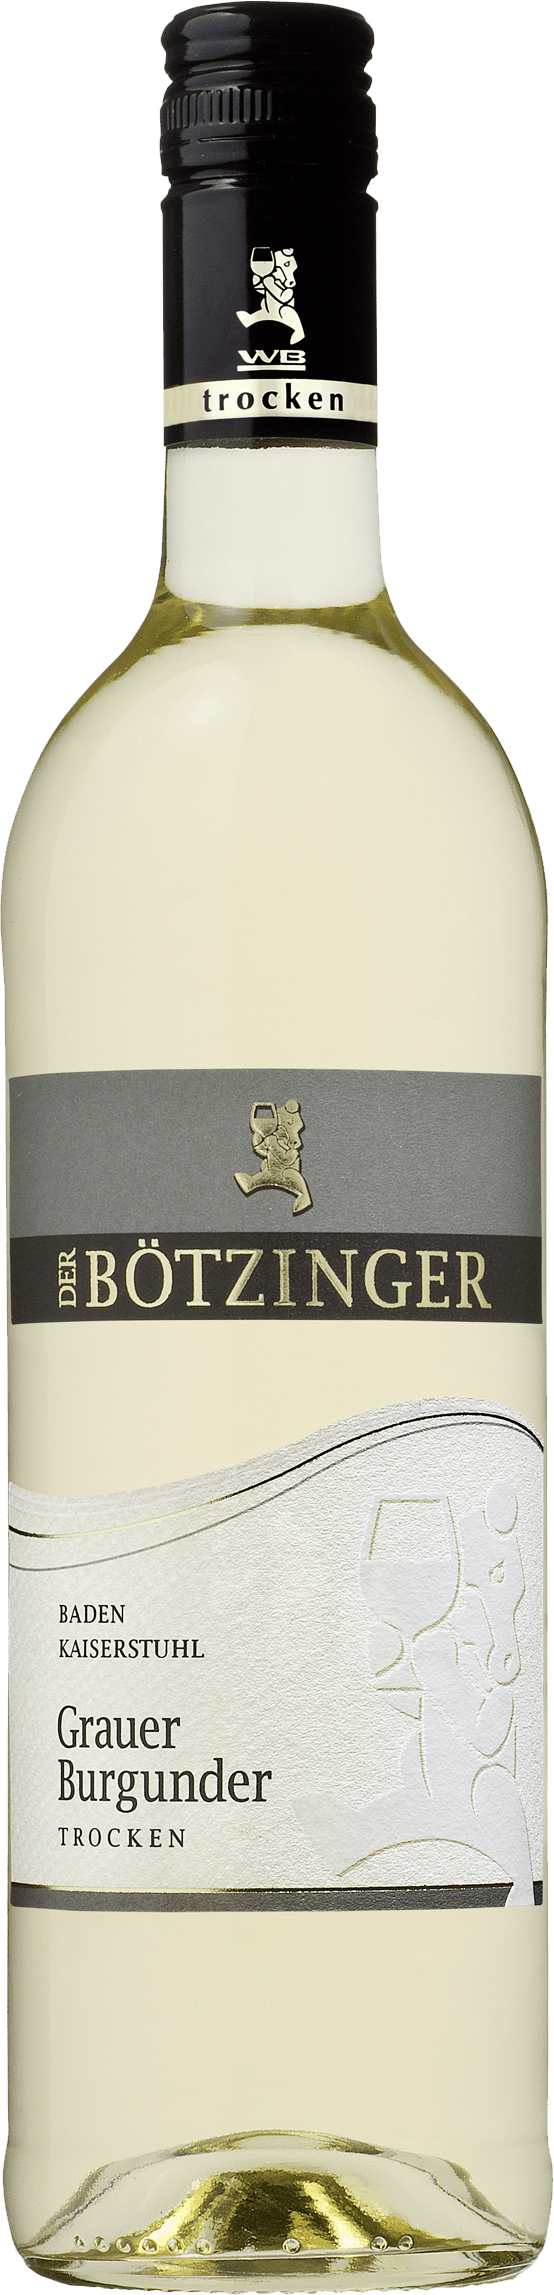 Grauer Burgunder Qualitätswein